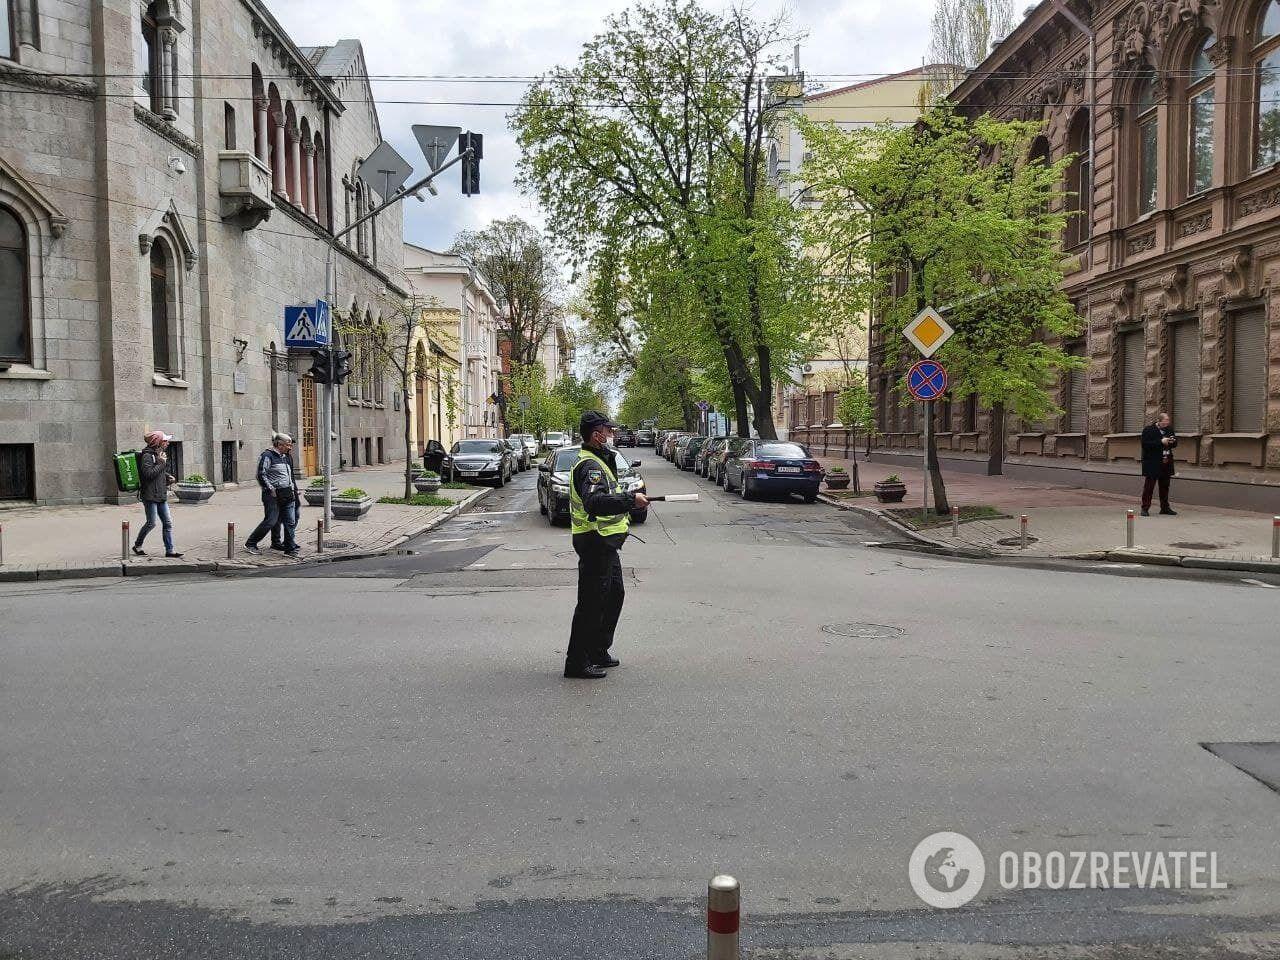 В урядовому кварталі багато поліцейських та бійців Нацгвардії.